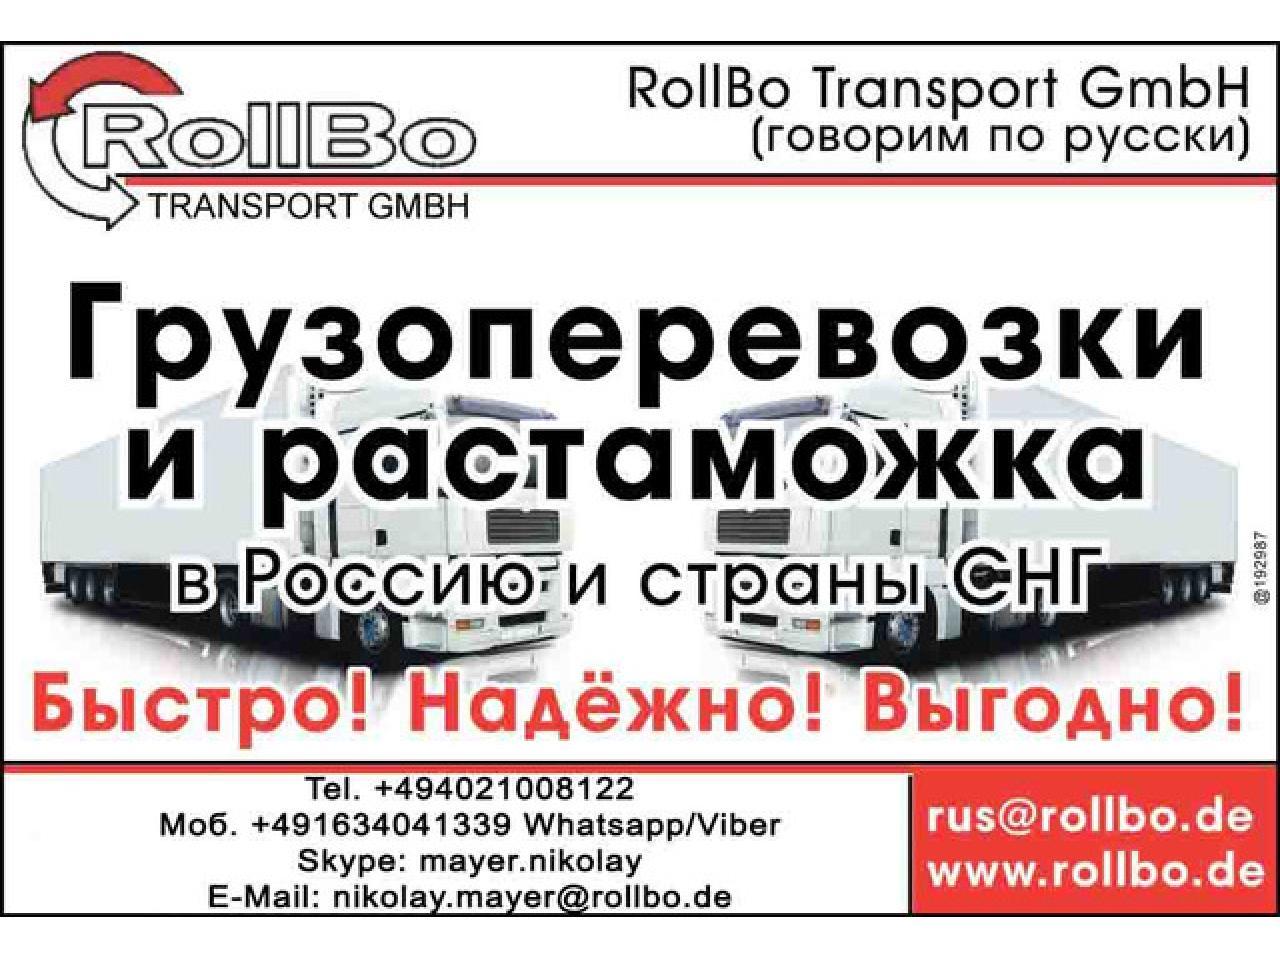 Доставка и растаможка грузов из Европы в Россию, СНГ - 1